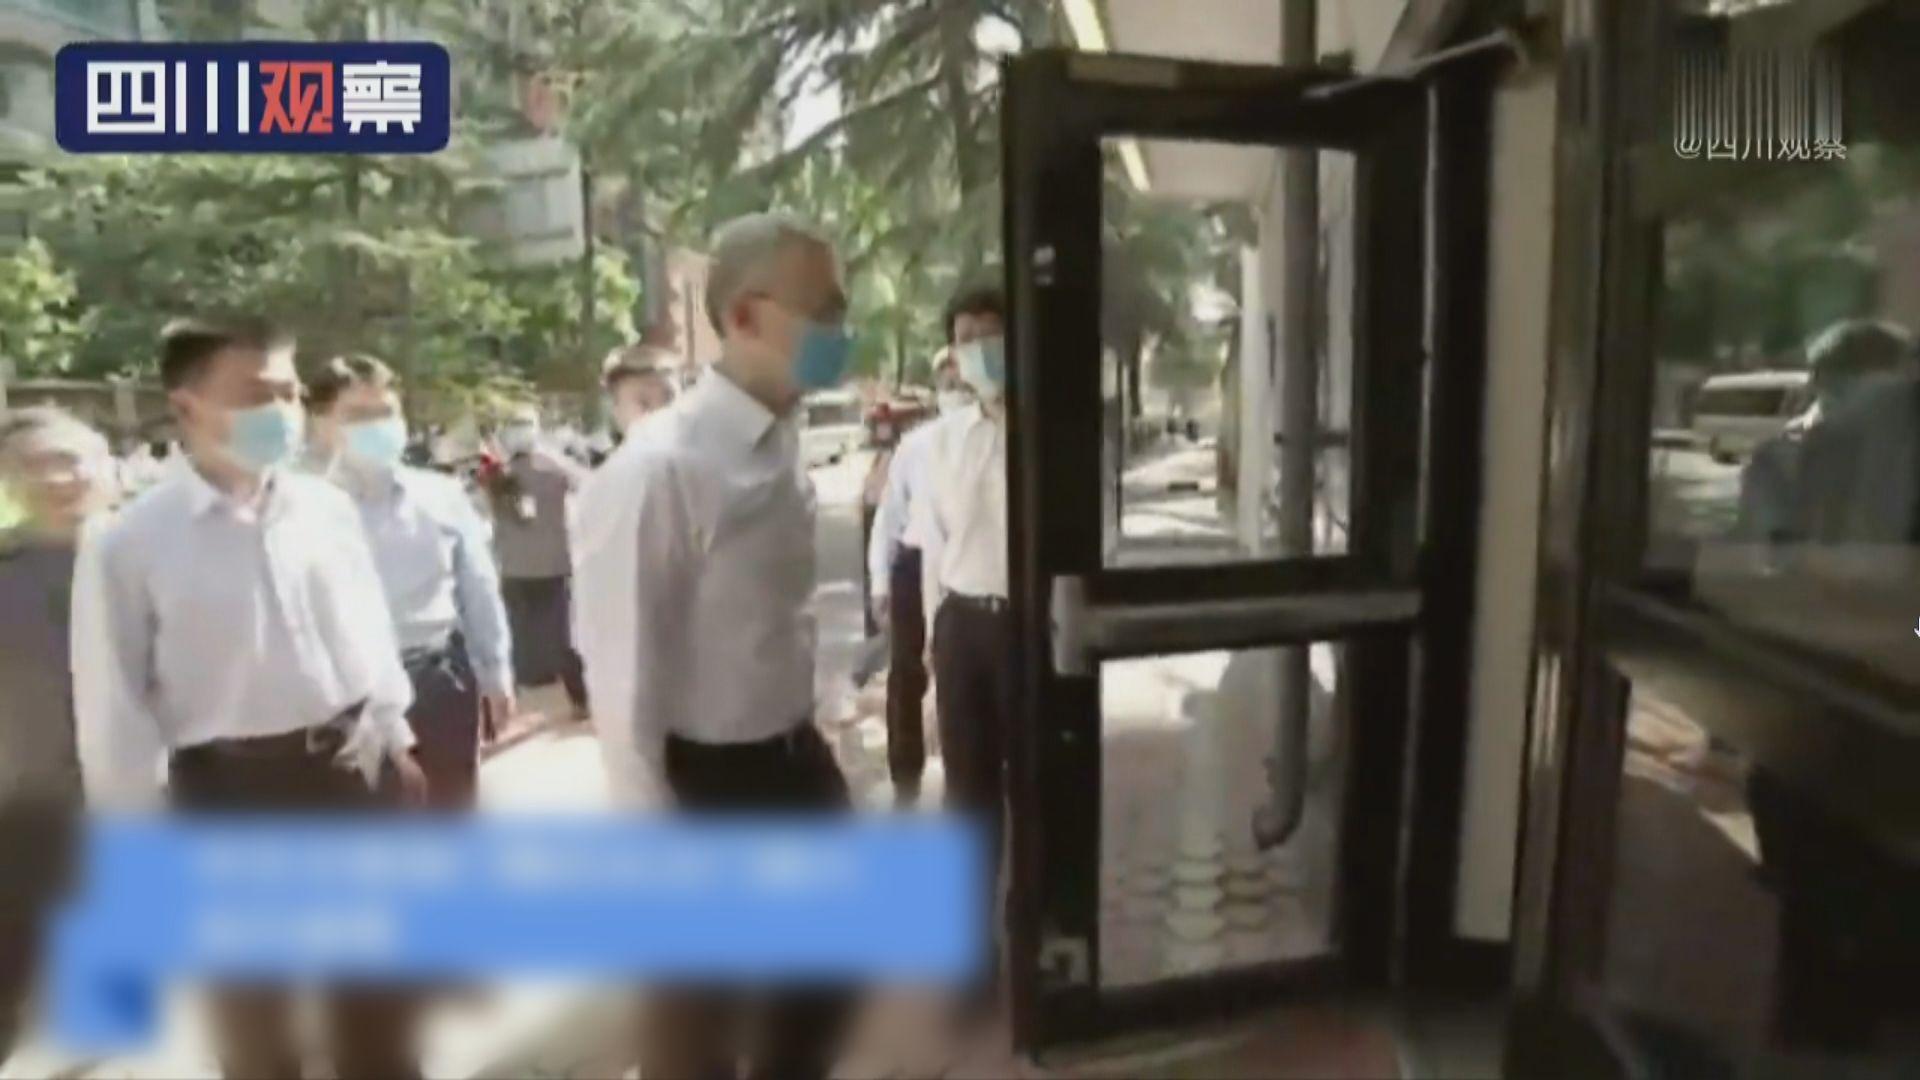 中方正門進入接管美國駐成都總領事館